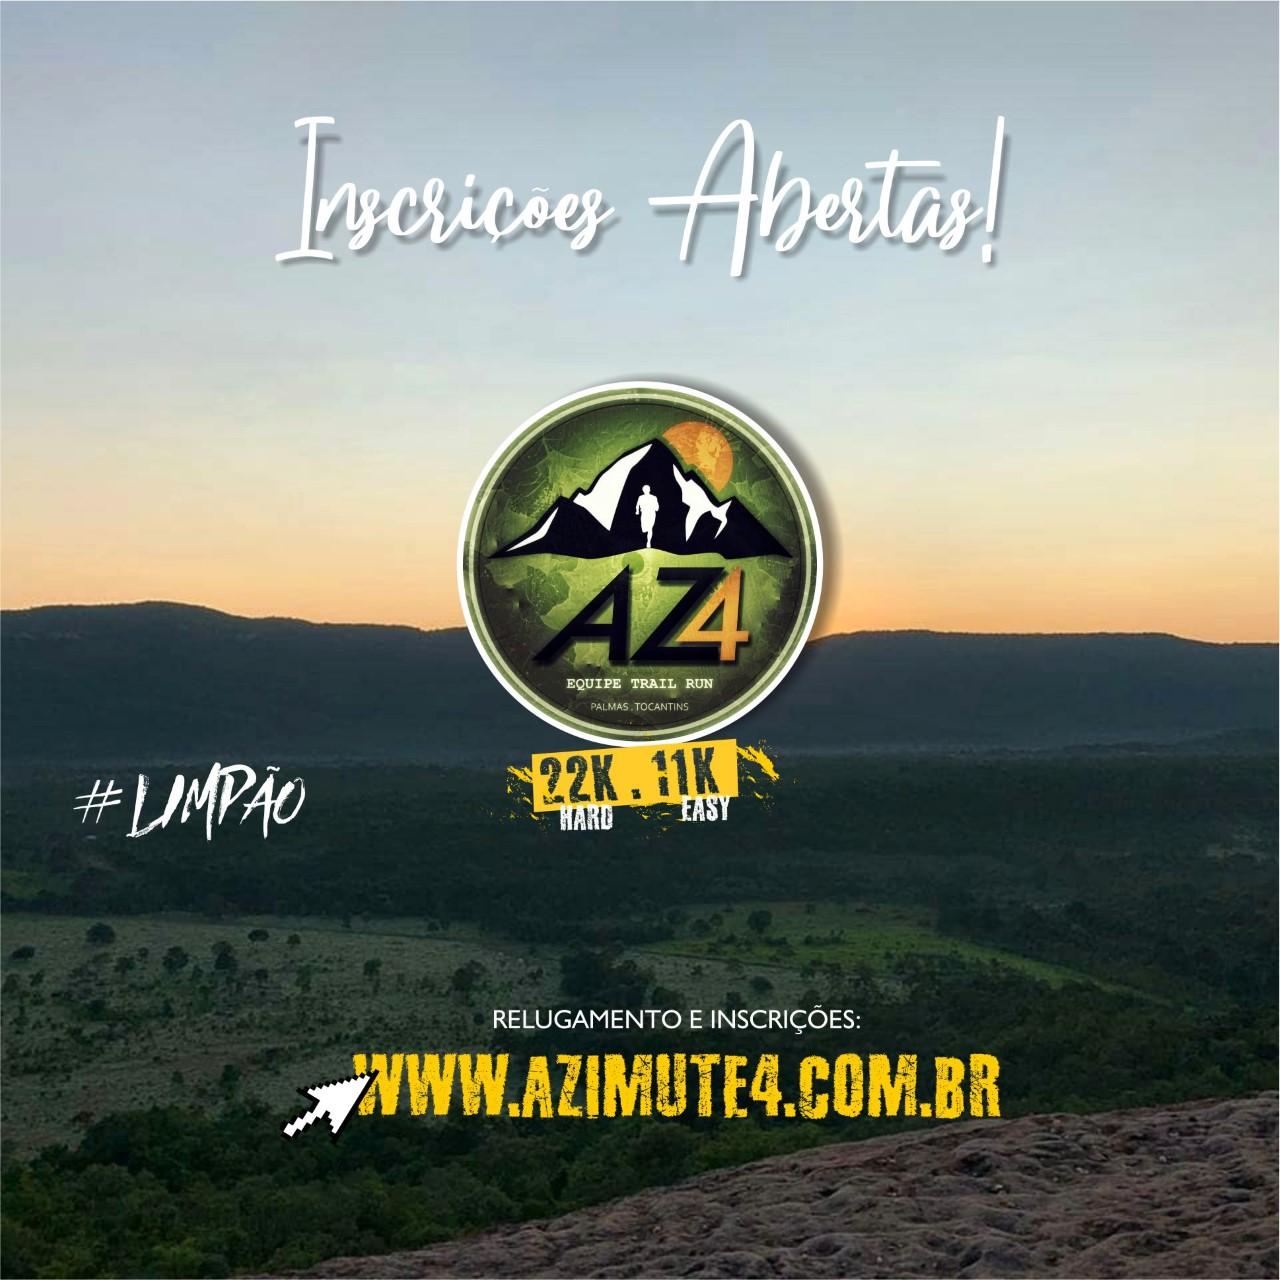 Inscrições Abertas: Palmas sediará 3º Desafio Azimute 4 Limpão